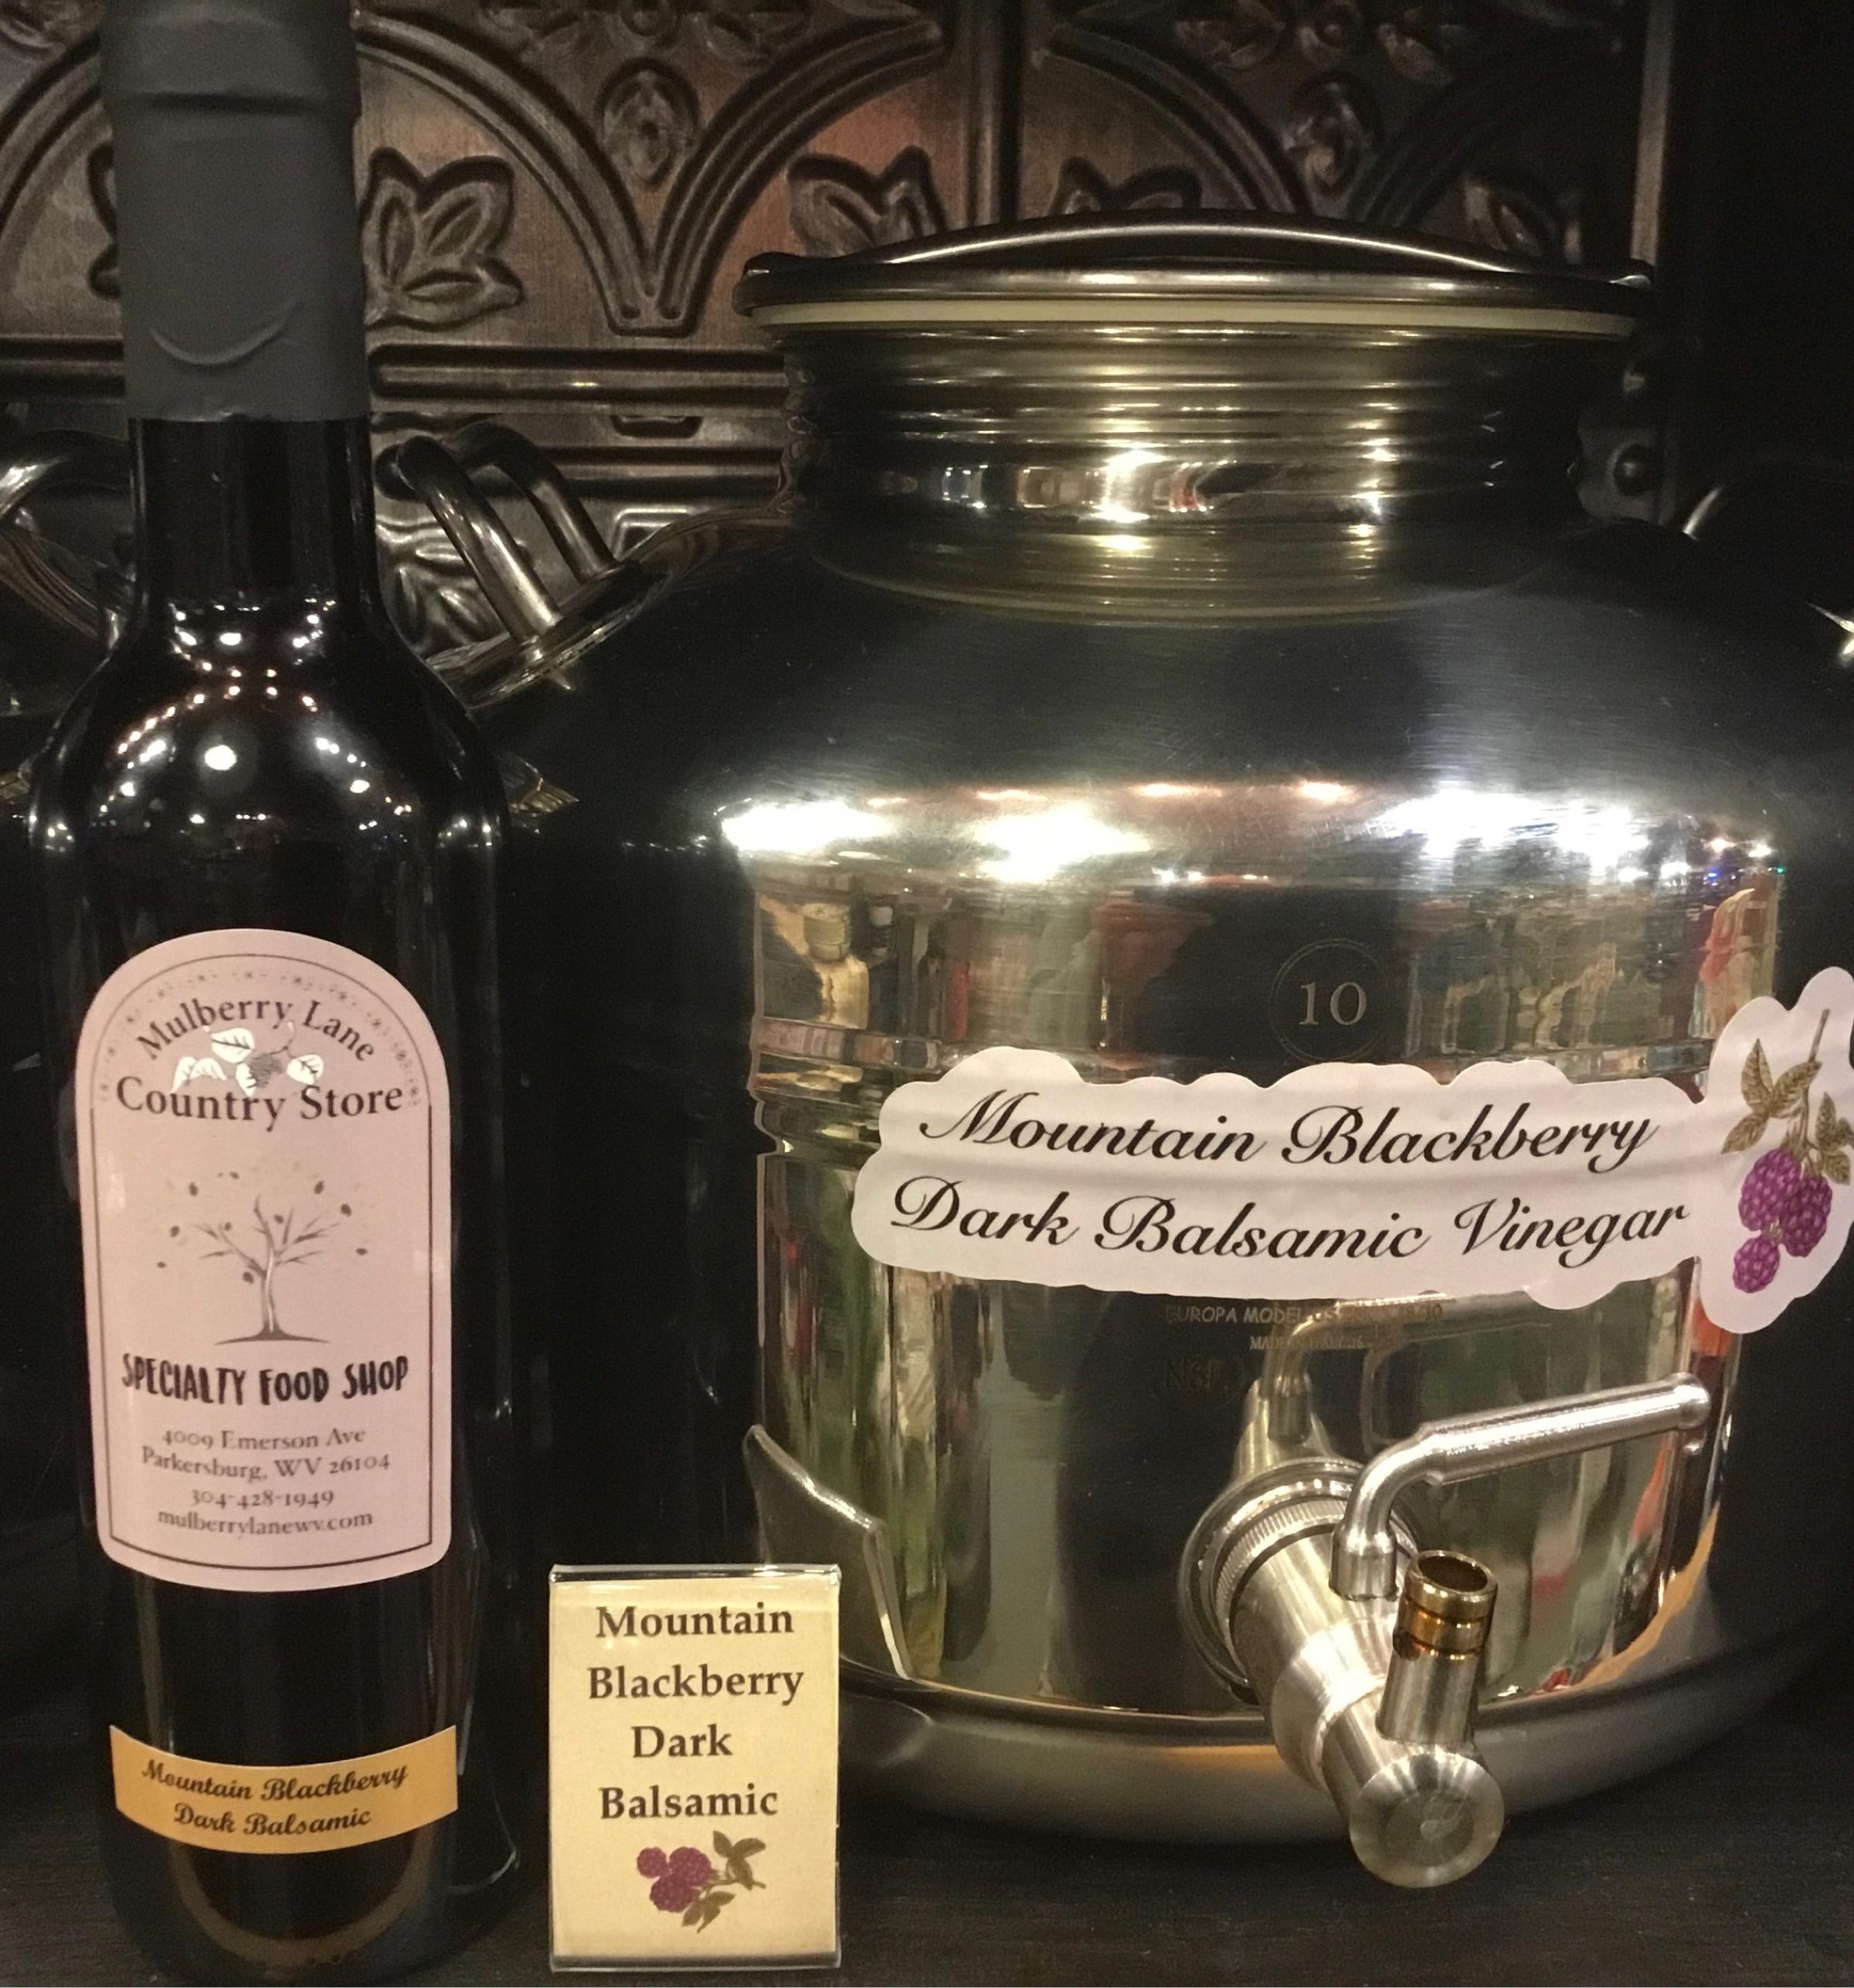 Mountain Blackberry Dark Balsamic Vinegar